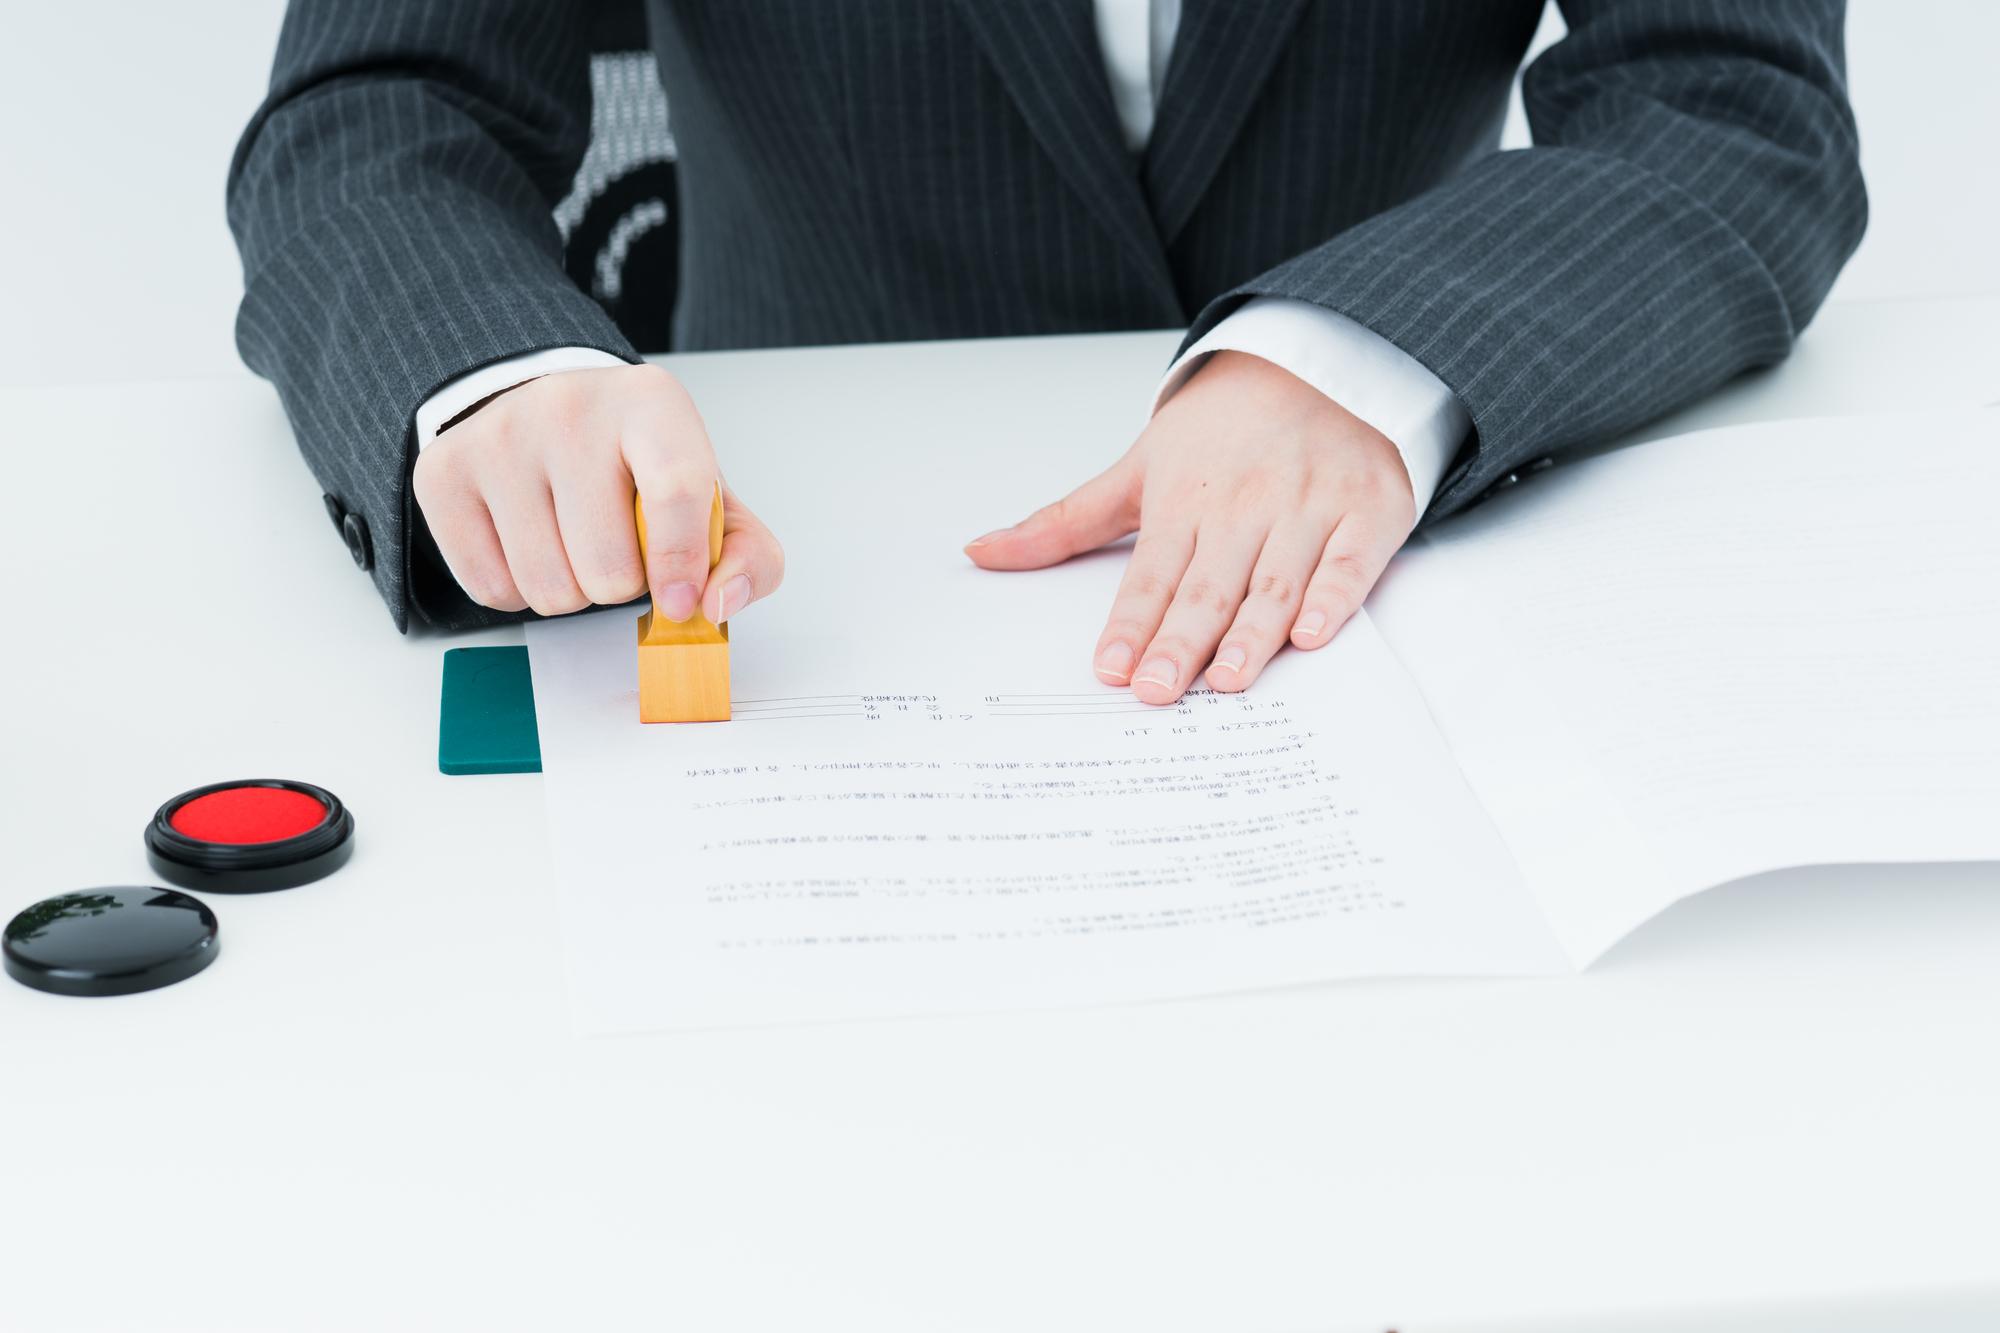 トランクルーム契約する際の流れや必要なものとは?審査ポイント・注意点も紹介!